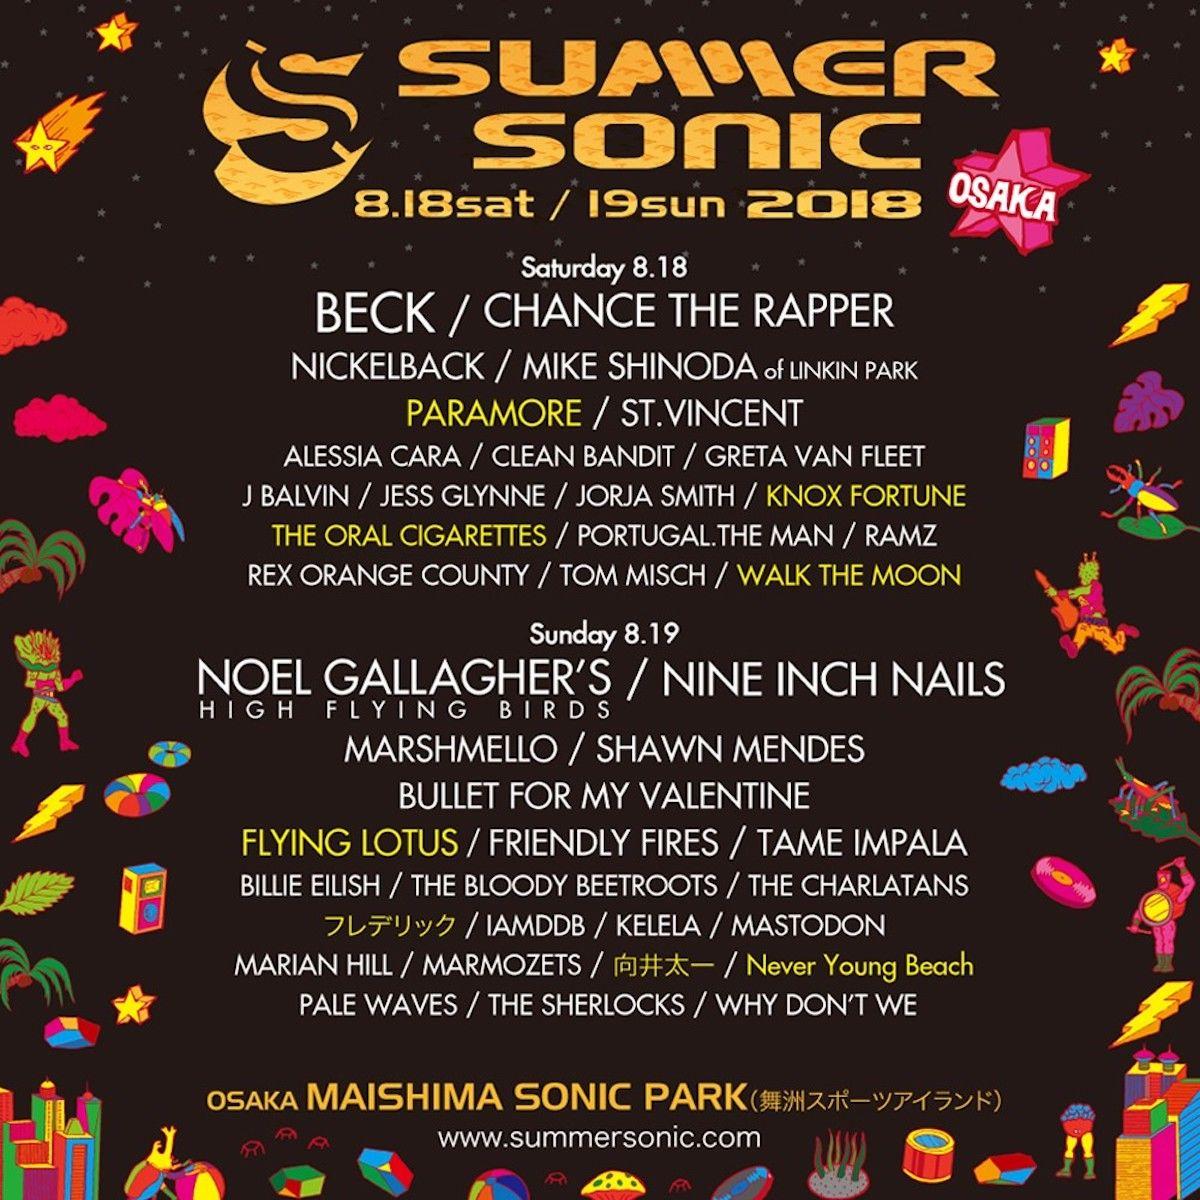 <サマソニ2018>第4弾ラインナップ&日割り発表!パラモア、水曜日のカンパネラ、ネバヤン、Yogeeら追加! music180301_summersonic_1-1200x1200